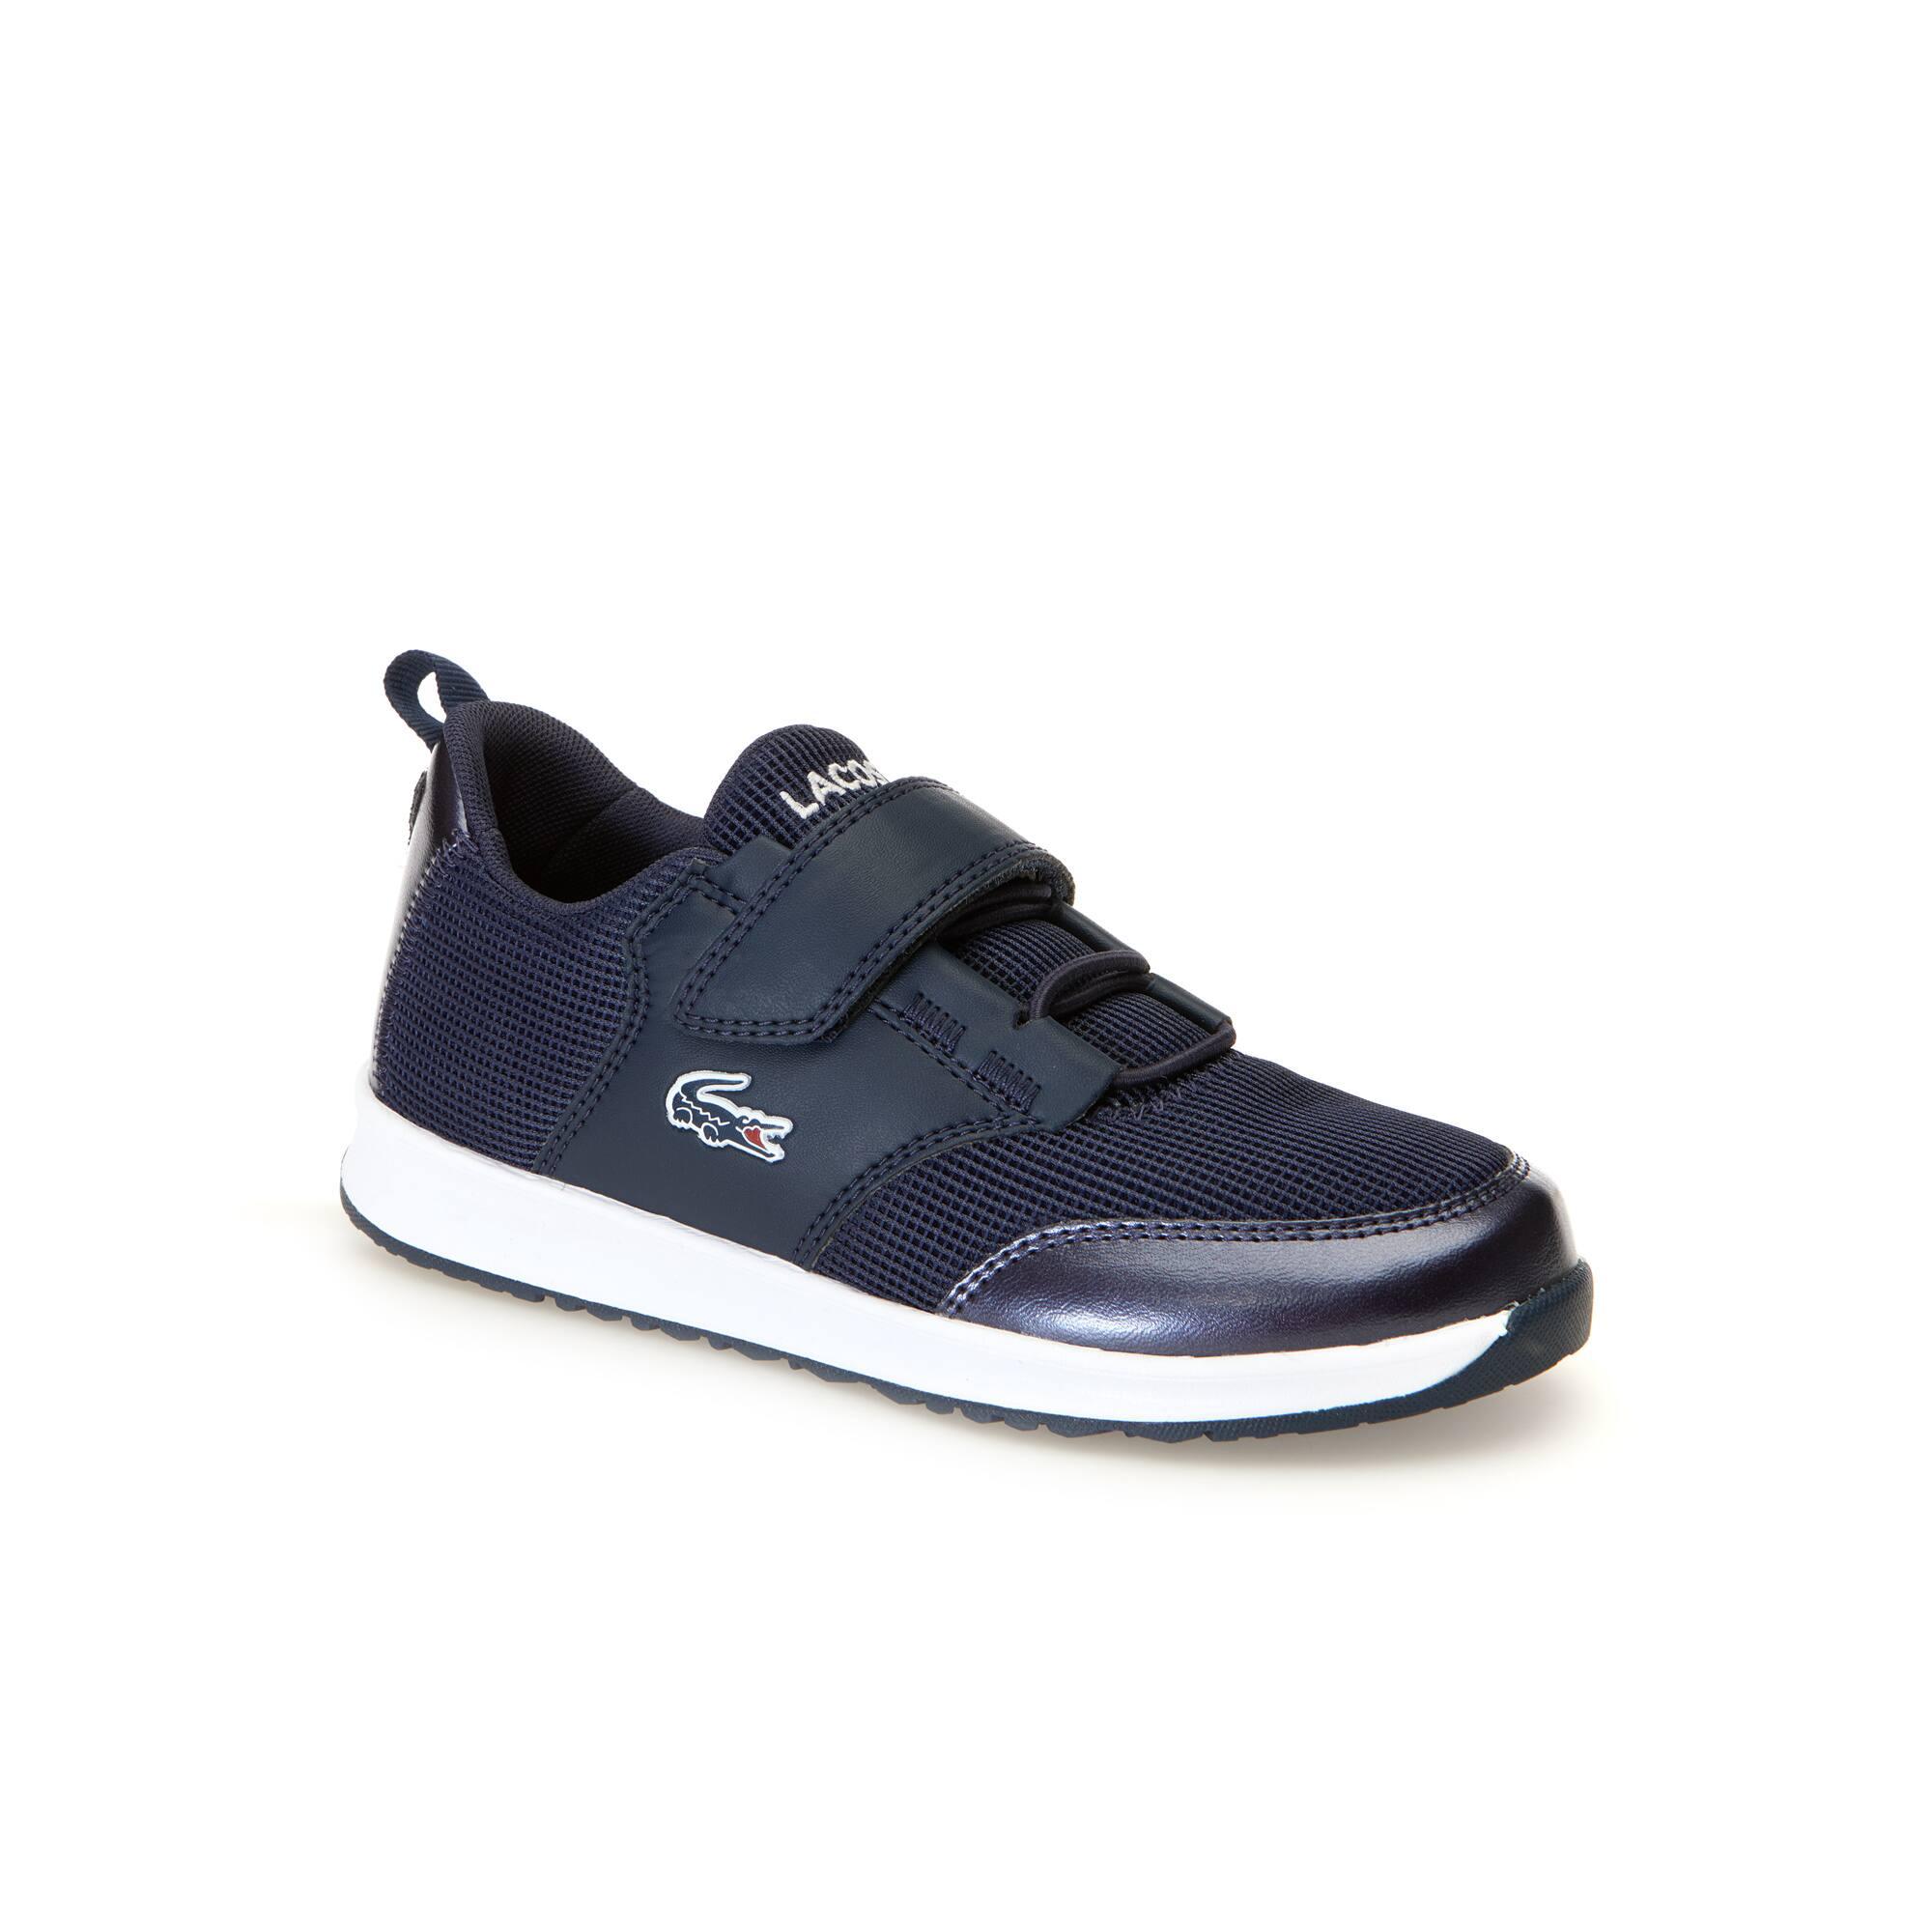 168d87d4d Zapatillas de niño L.ight de material textil y sintético con efecto metálico